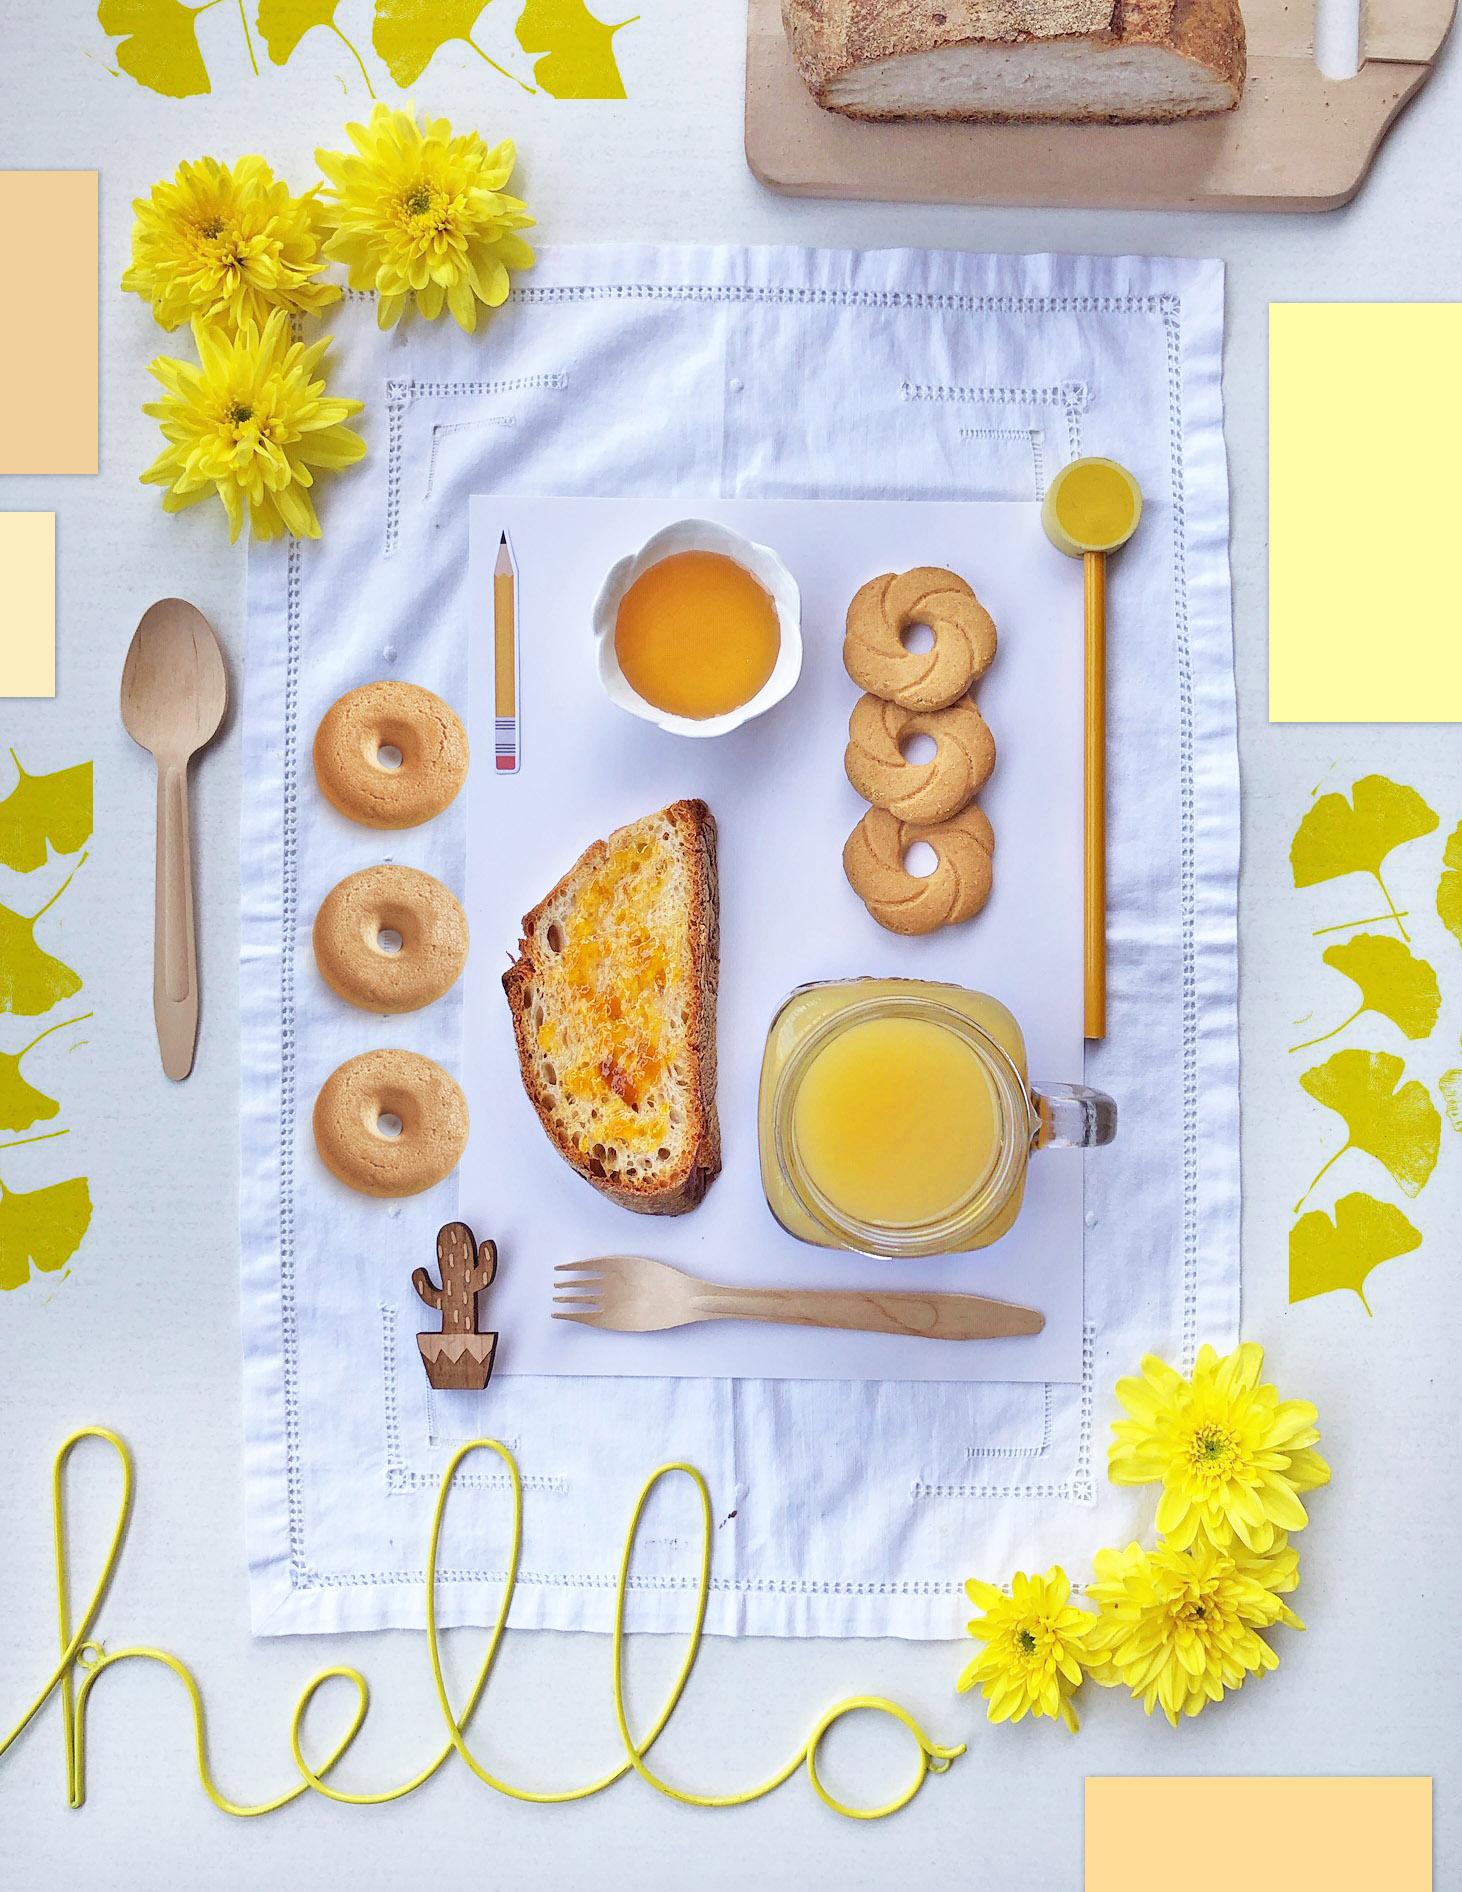 6_-colazione-in-giallo_-cr-breakfast-and-coffee